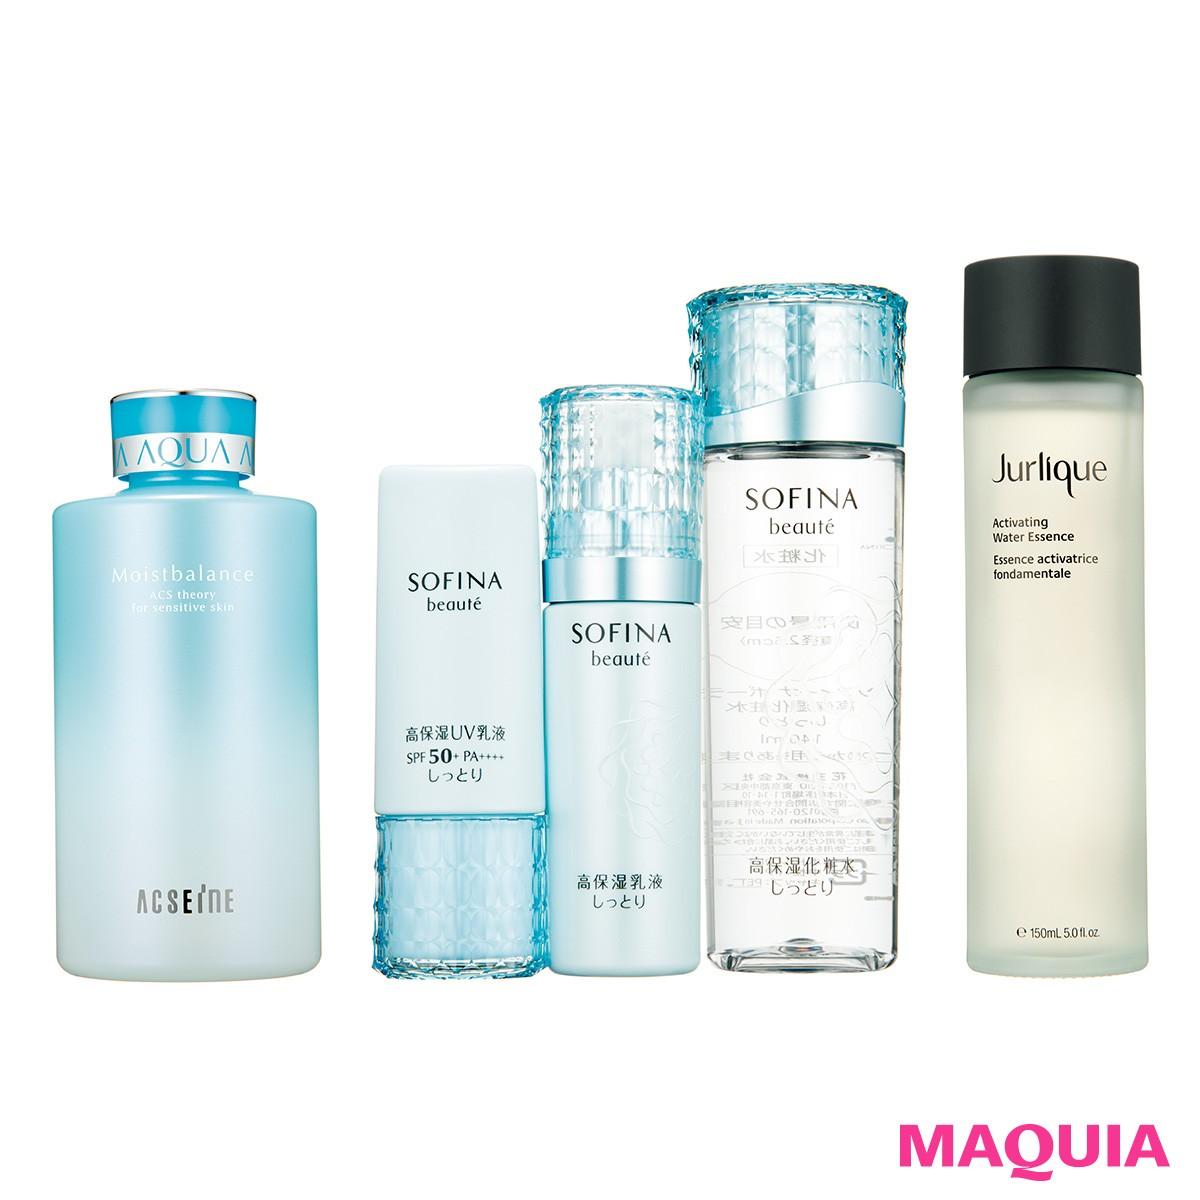 ふっくら肌をサポートする、信頼ブランドのこだわり化粧水4選